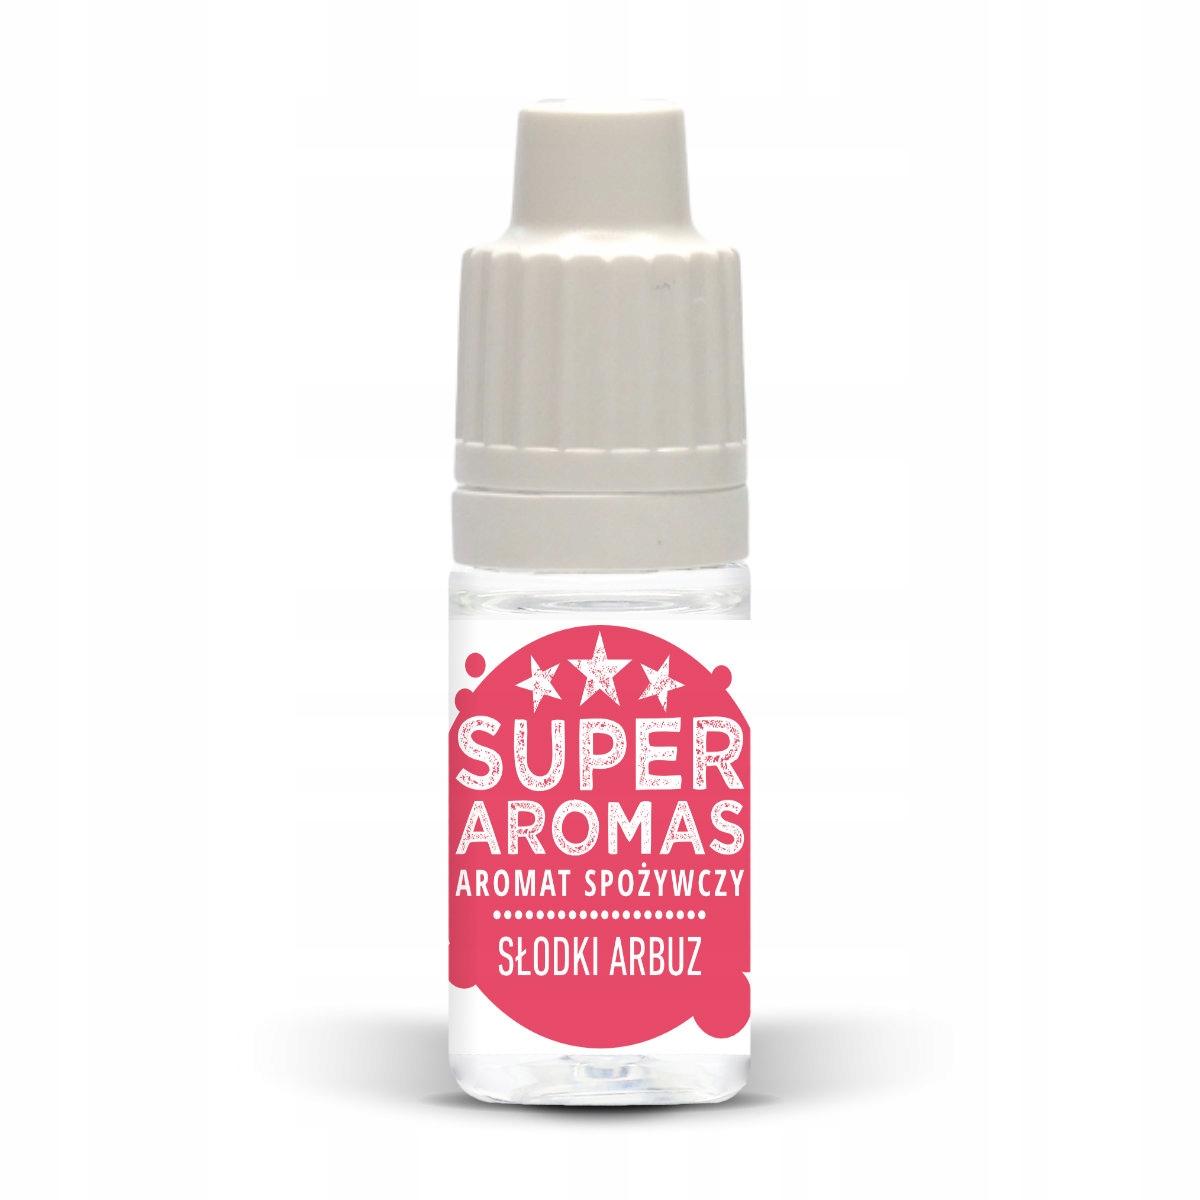 SUPER AROMAS Пищевой аромат сладкий арбуз 10 мл